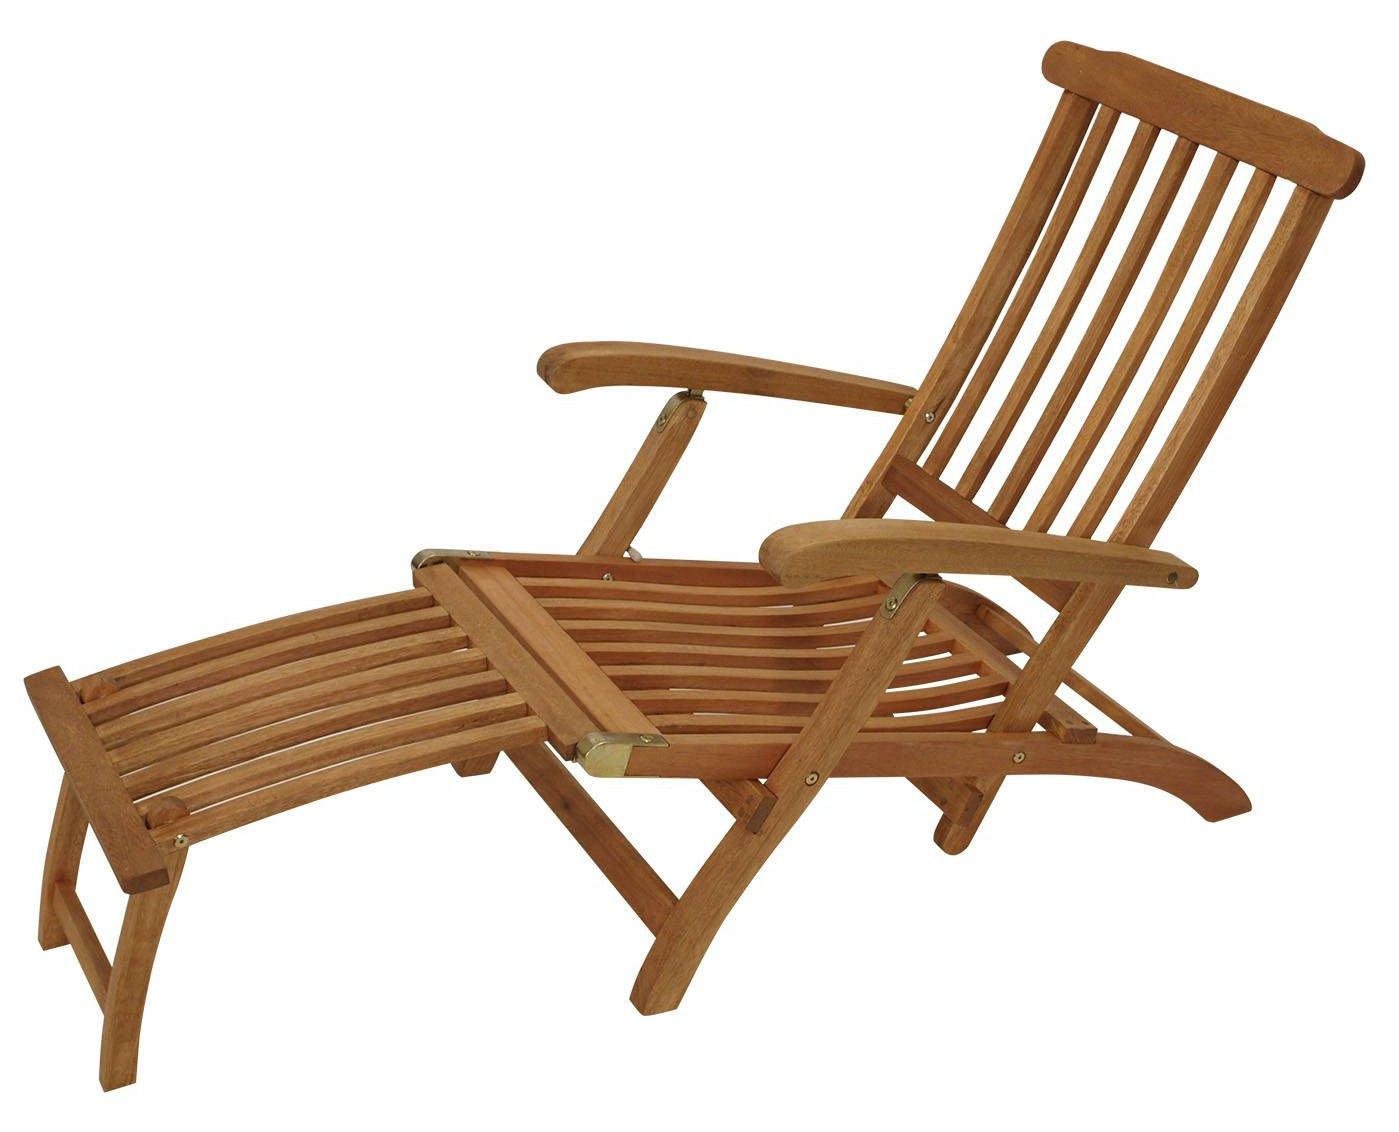 Bain de soleil bois : Tous mes conseils pour décorer et aménager votre espace extérieur (jardin, terrasse, etc.)